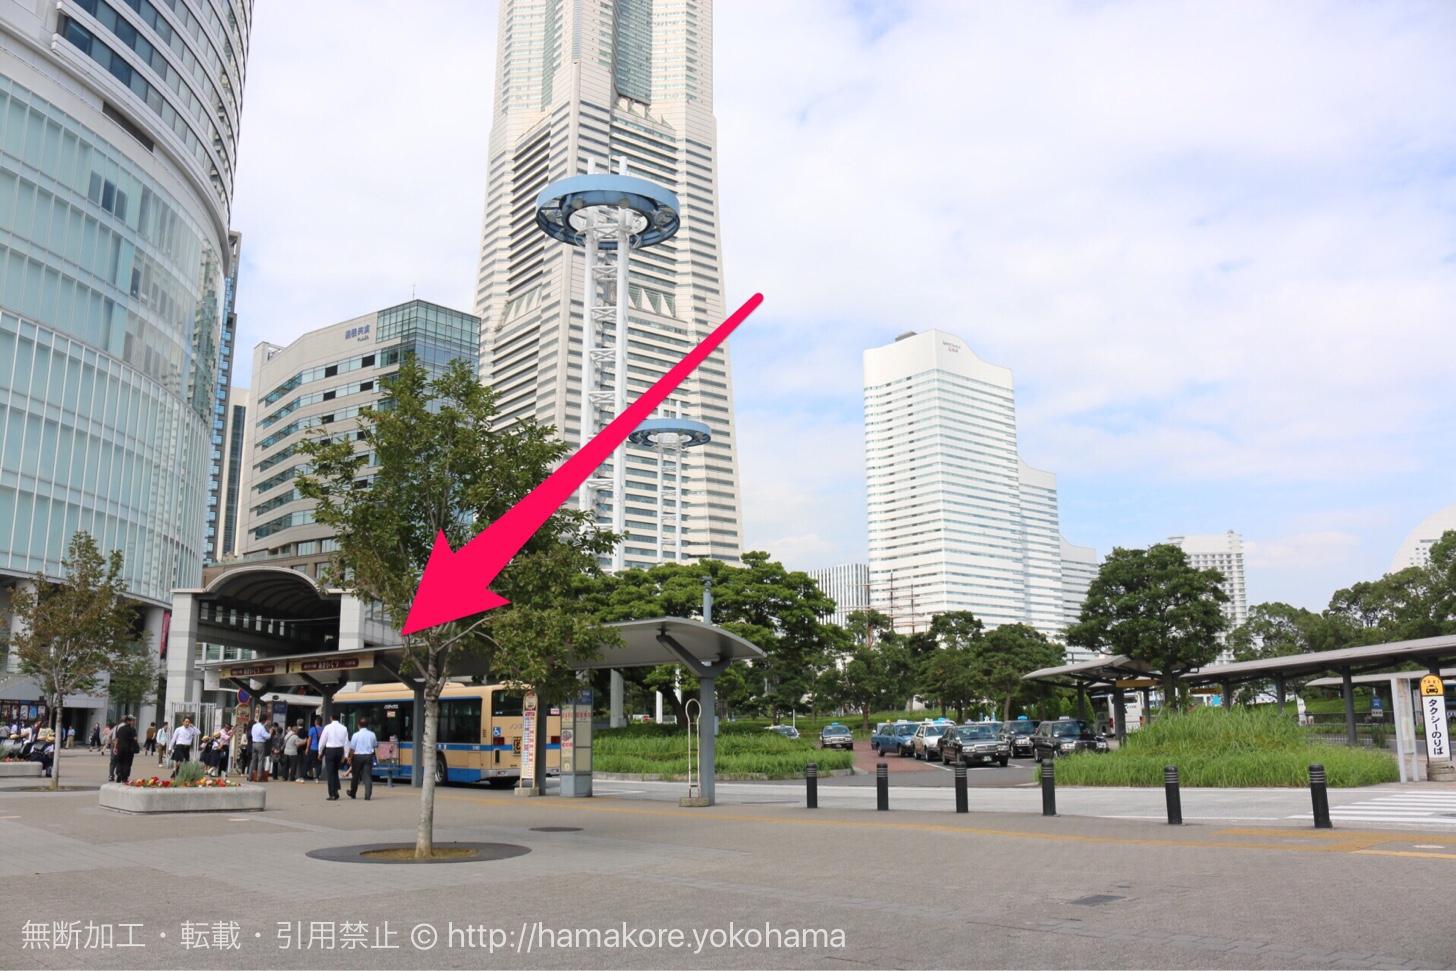 桜木町駅 あかいくつ乗り場について